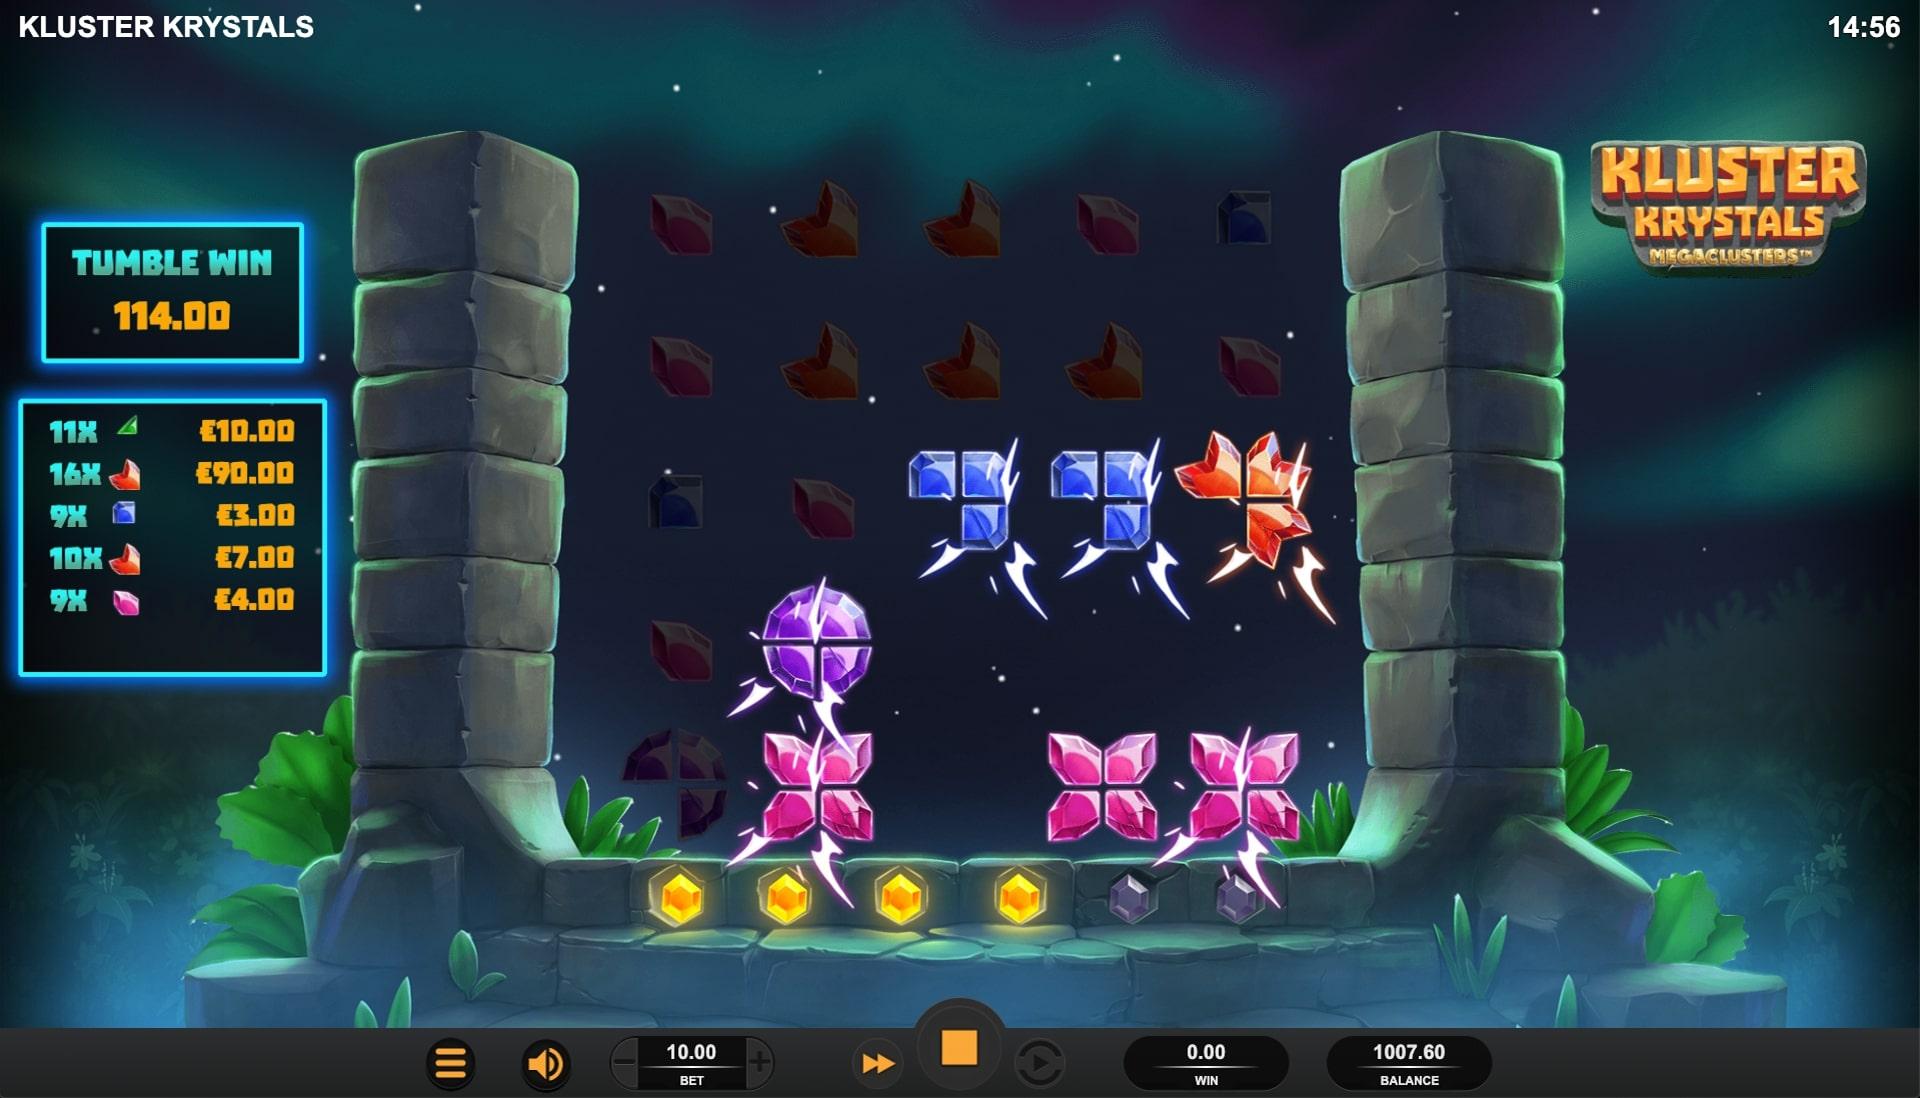 Kluster Krystals Megaclusters Screenshot